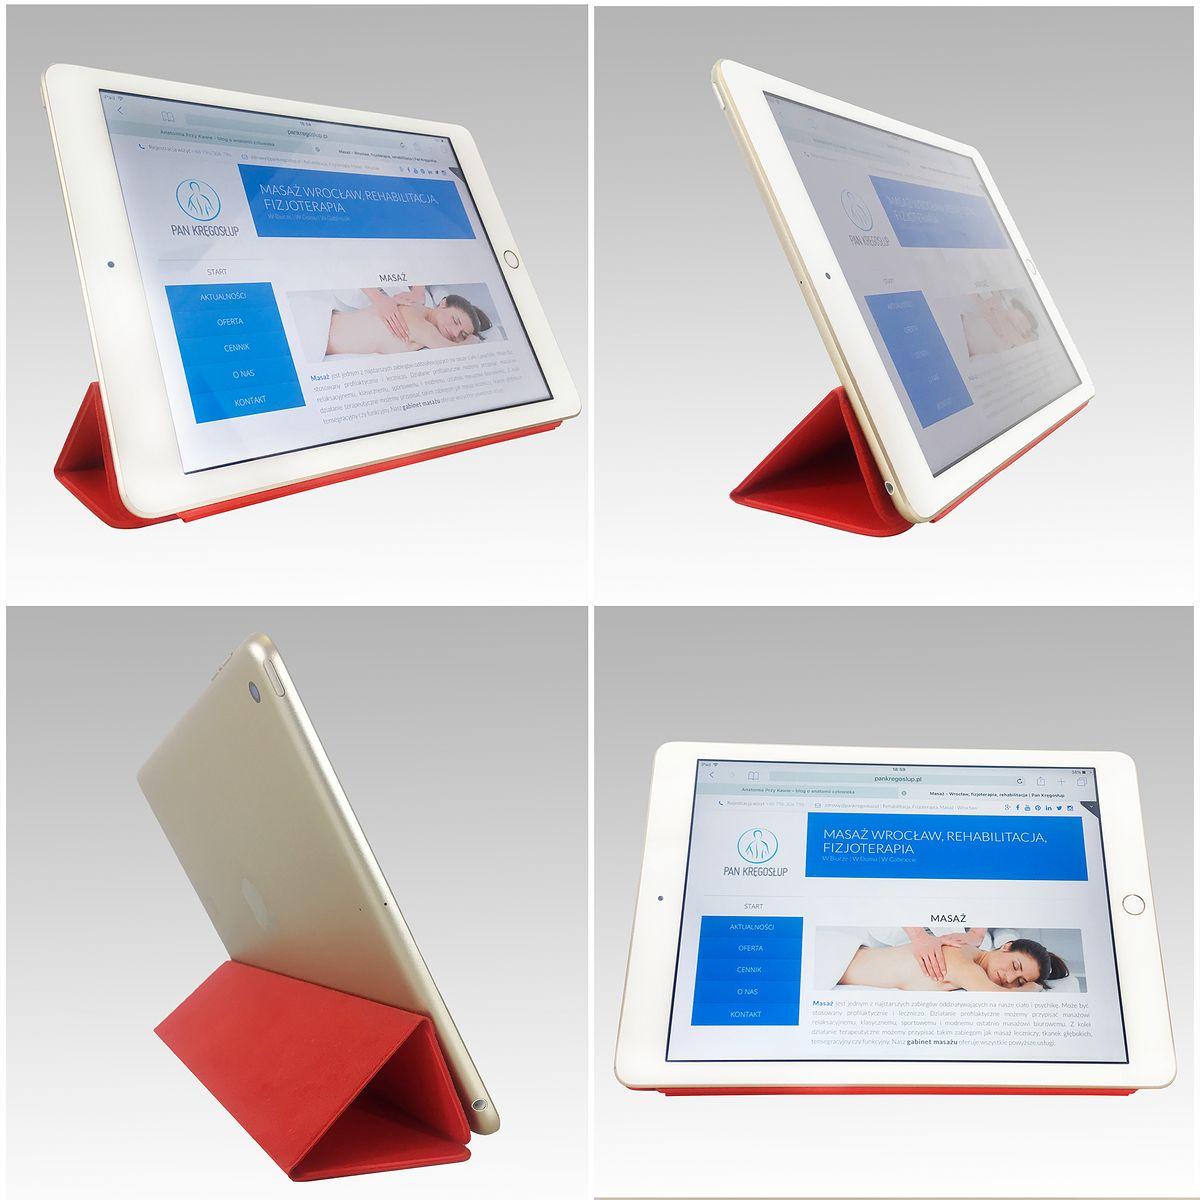 jak-uzywac-tablet